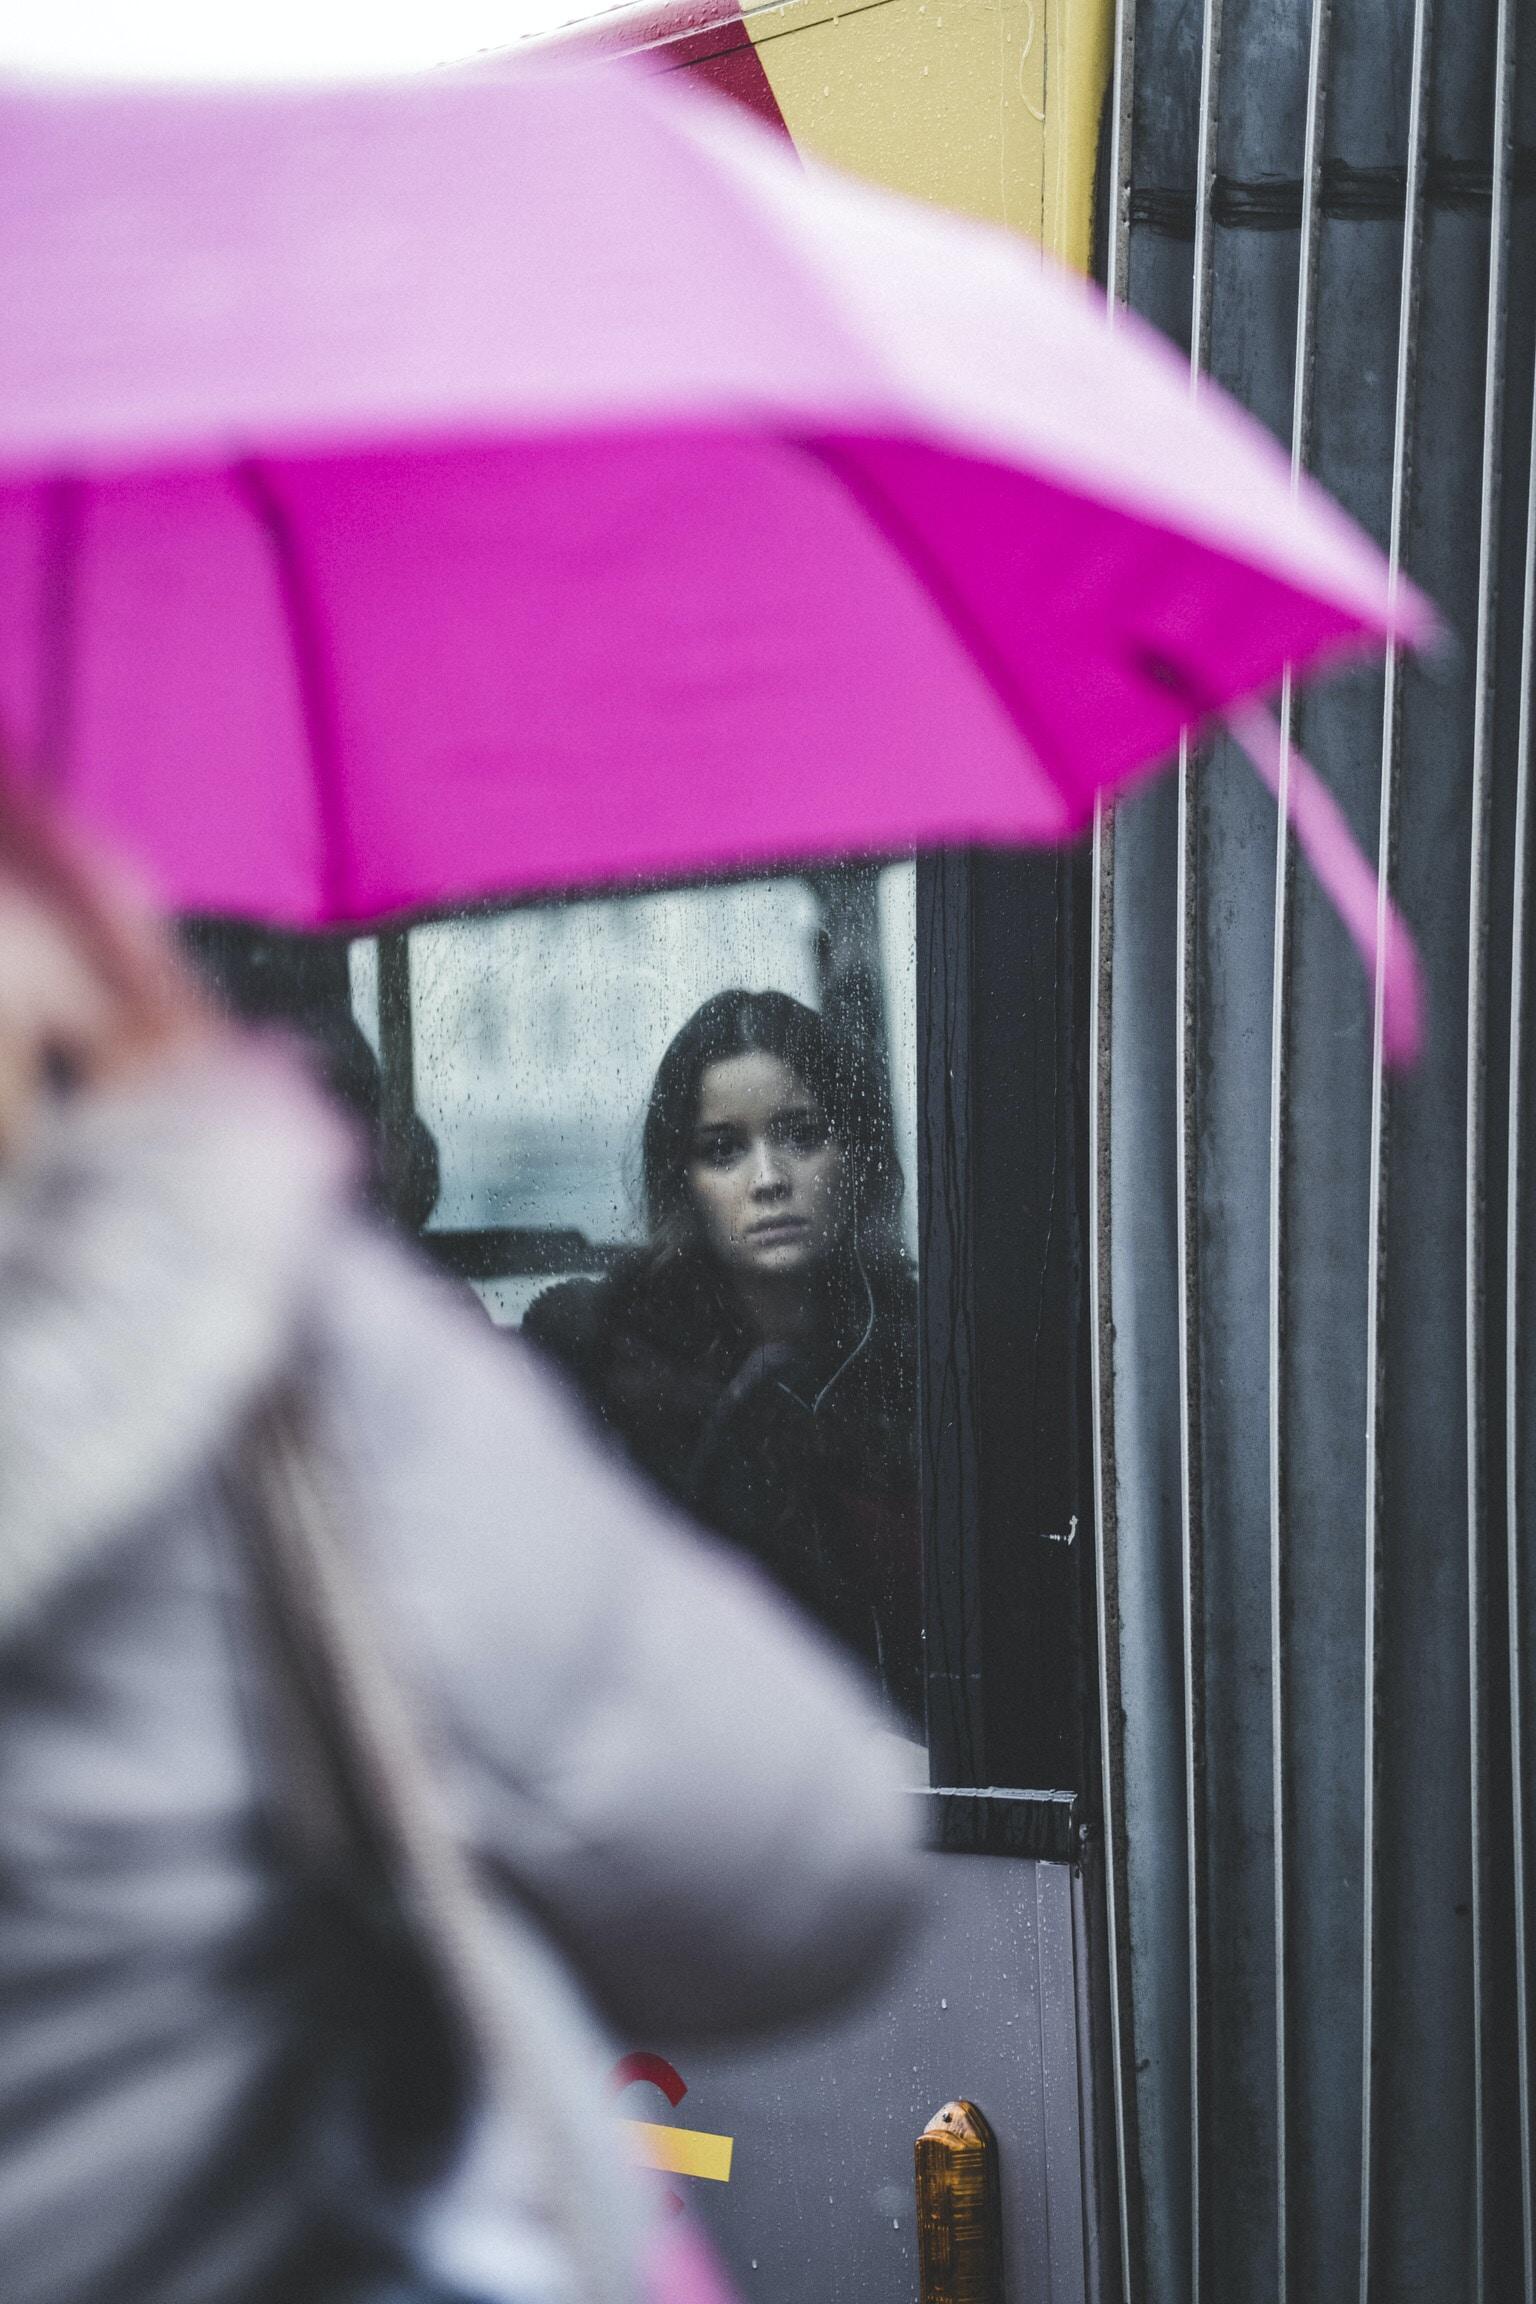 woman standing inside glass window